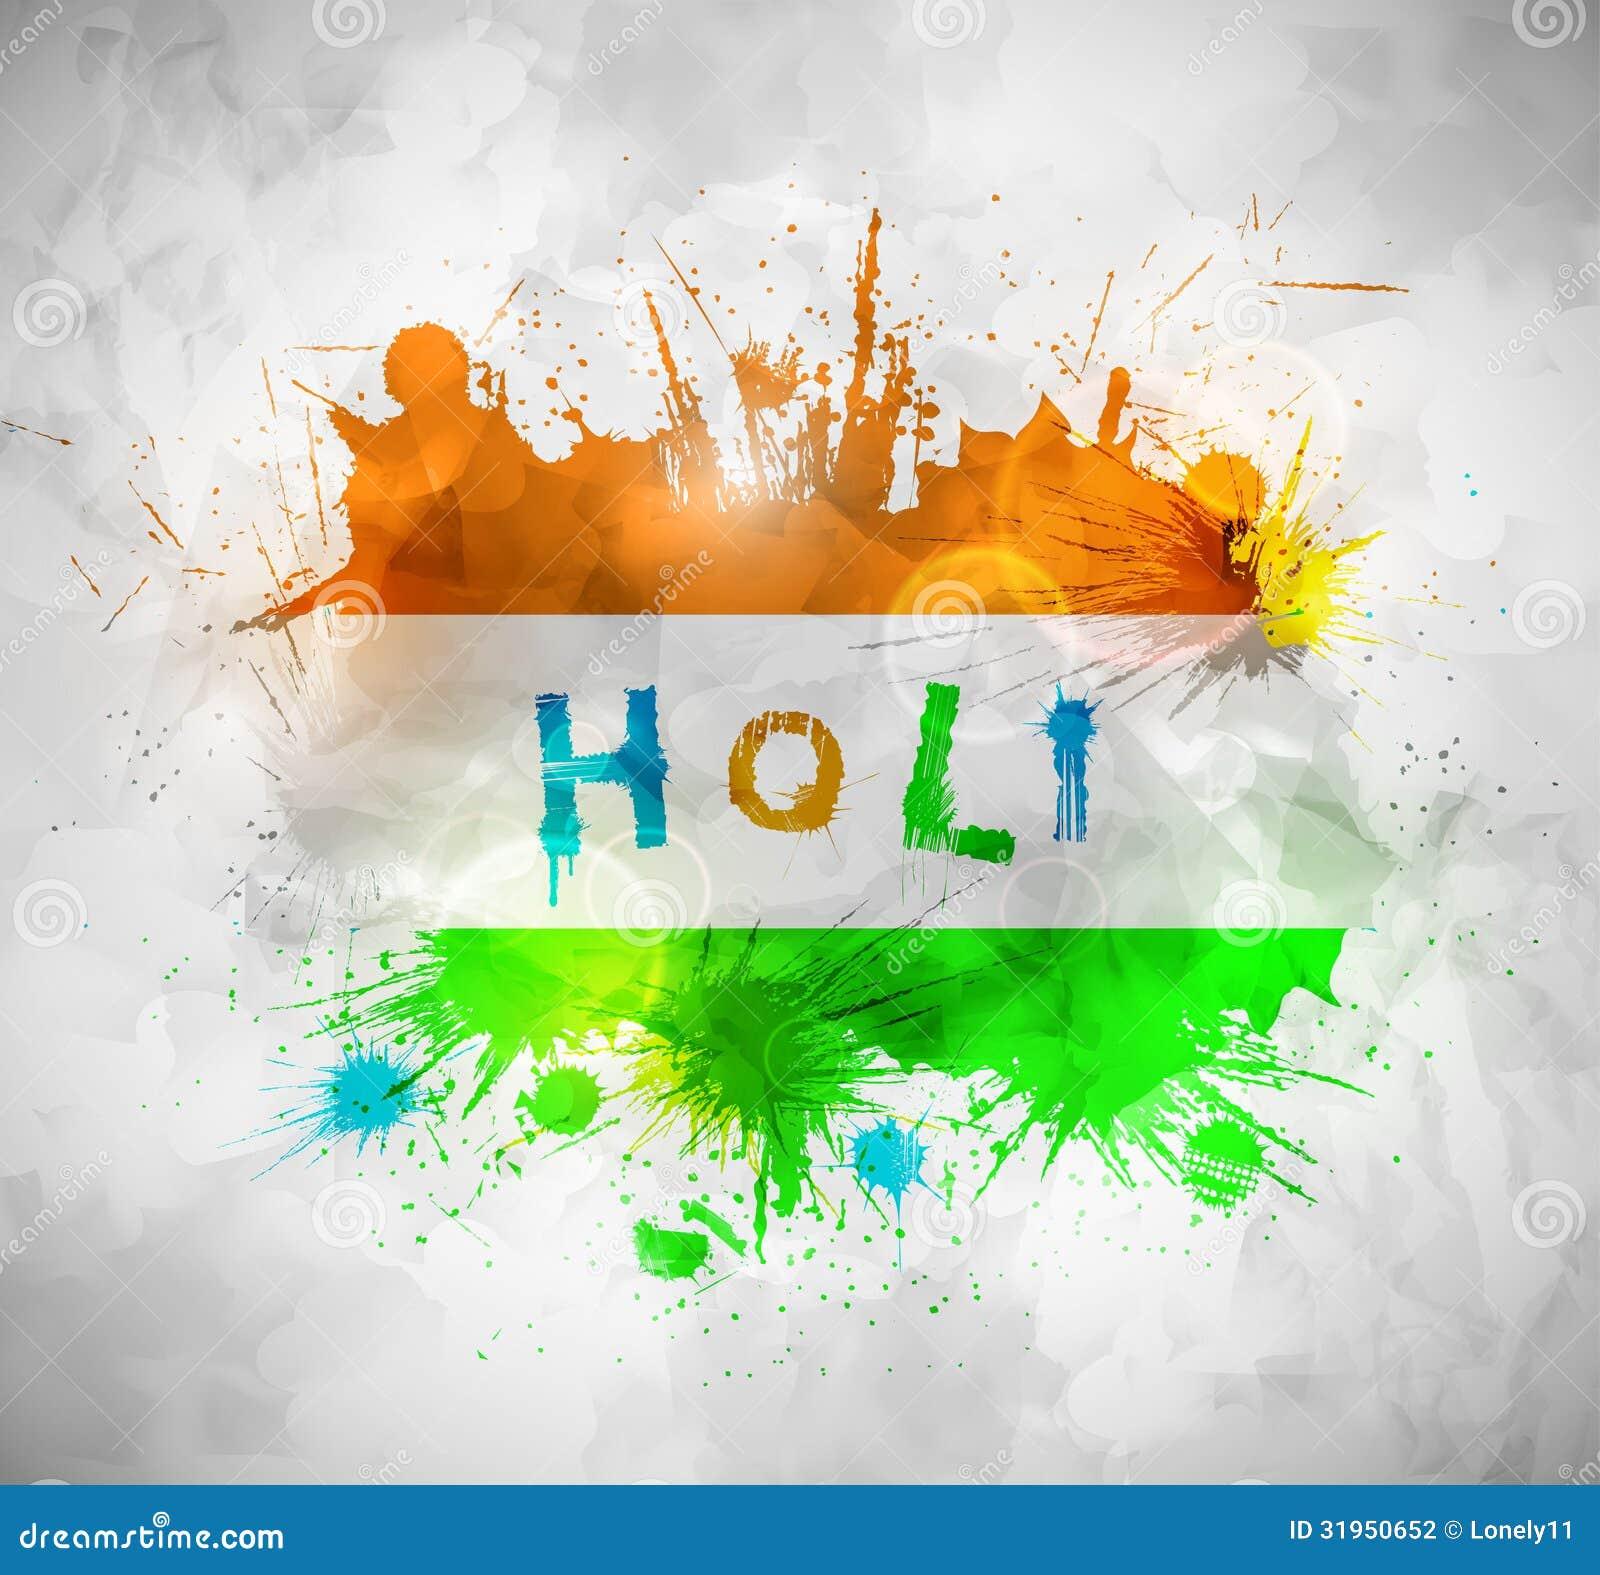 Holi Background Stock Photography - Image: 31950652